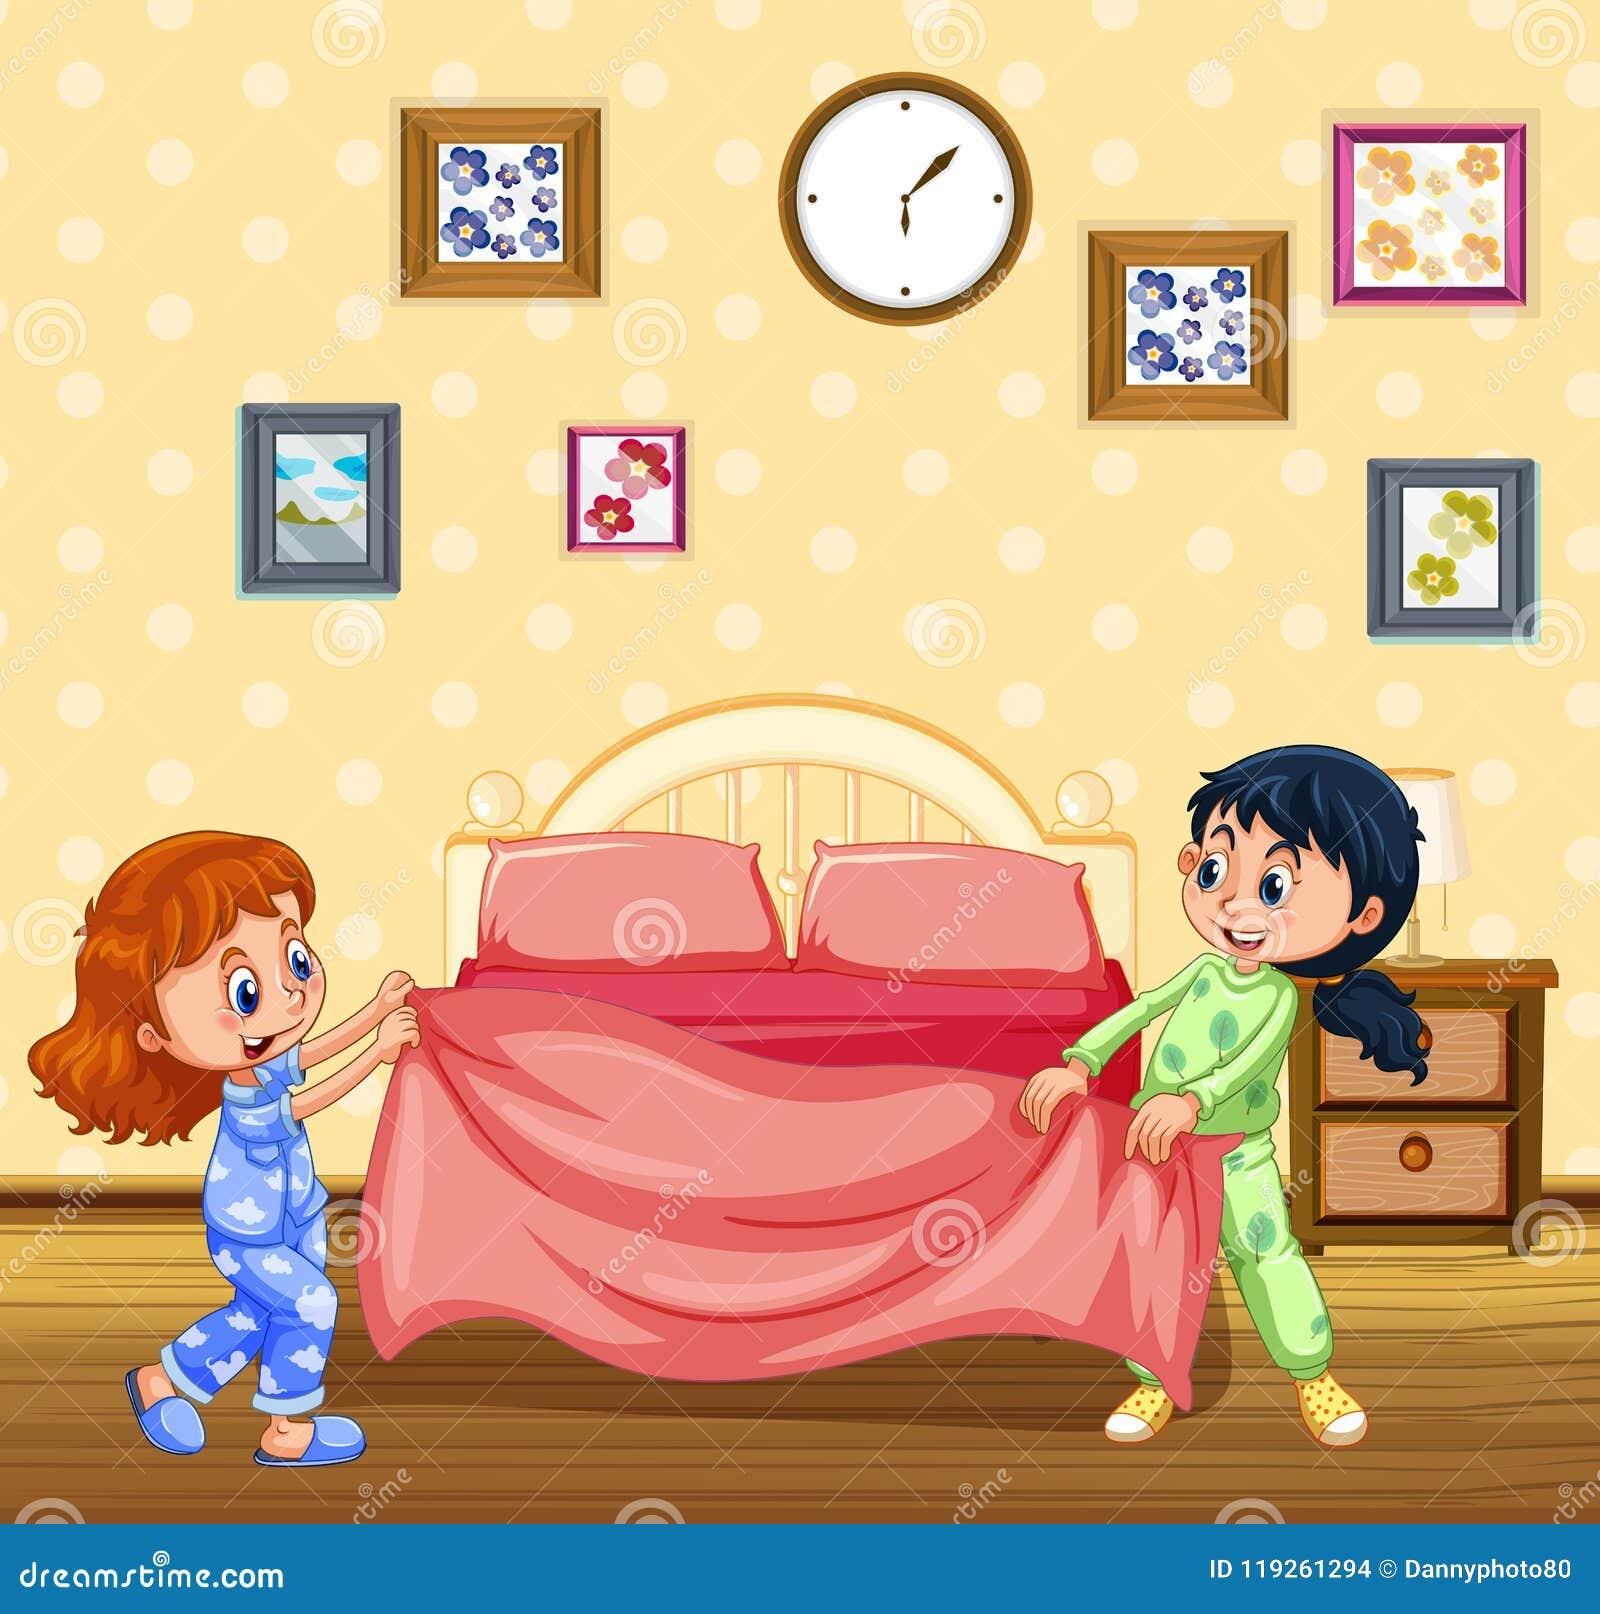 kinder die morgens bett machen vektor abbildung illustration von zeichnung freunde 119261294. Black Bedroom Furniture Sets. Home Design Ideas